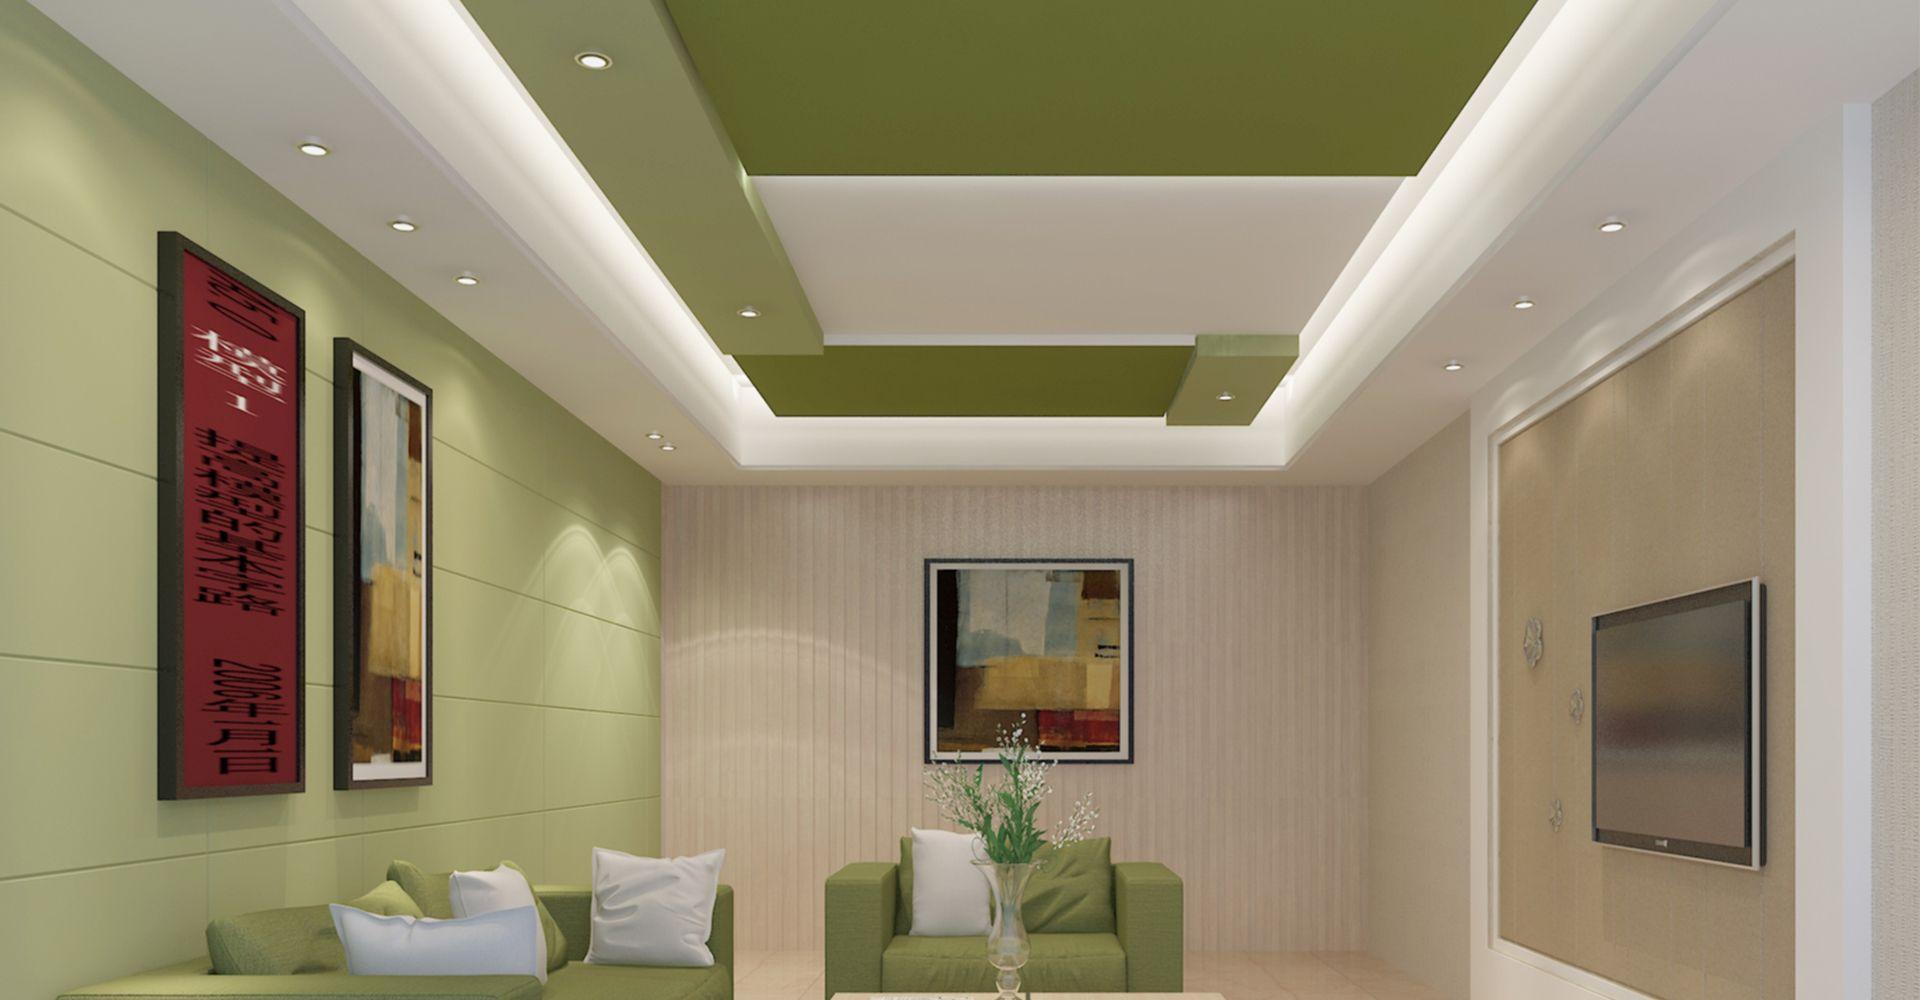 residential false ceiling   Pop false ceiling design ...